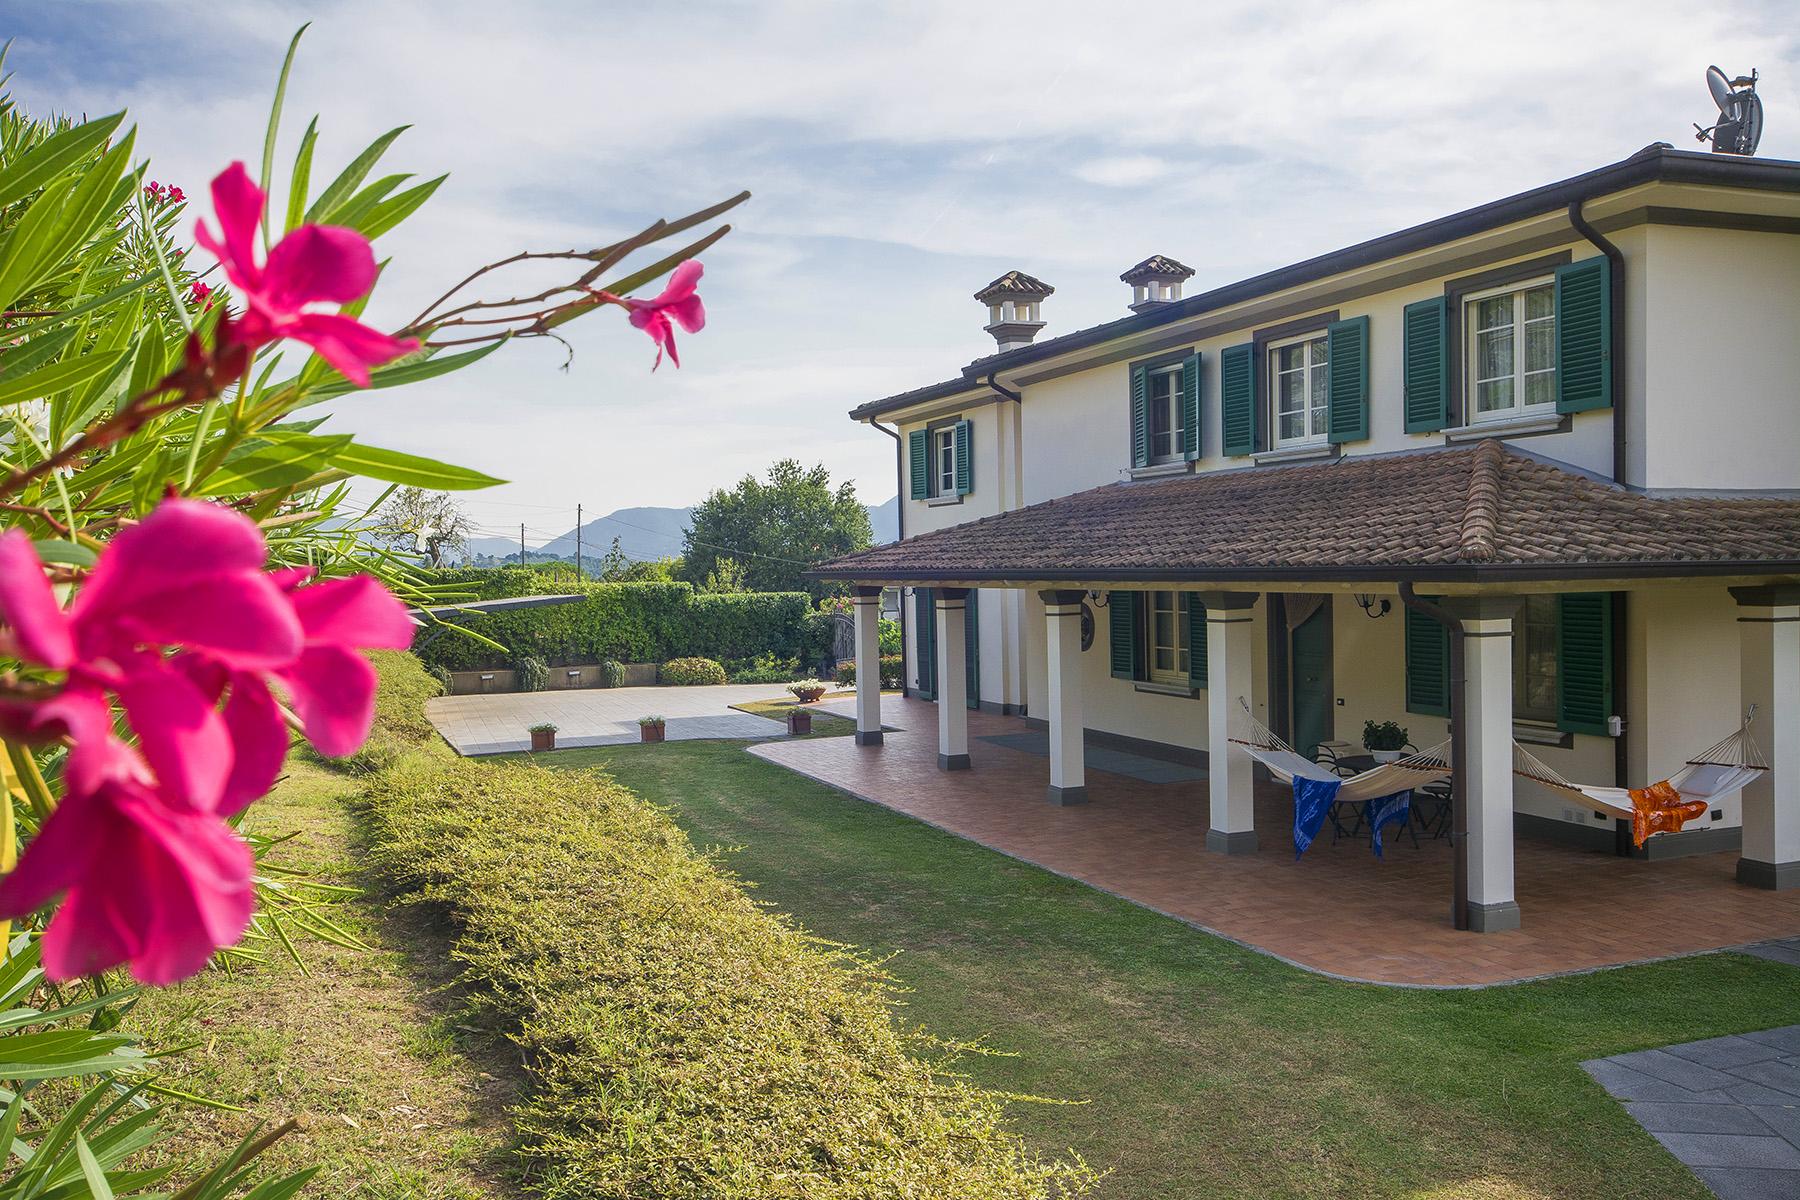 Casa indipendente in Vendita a Lucca: 5 locali, 300 mq - Foto 13